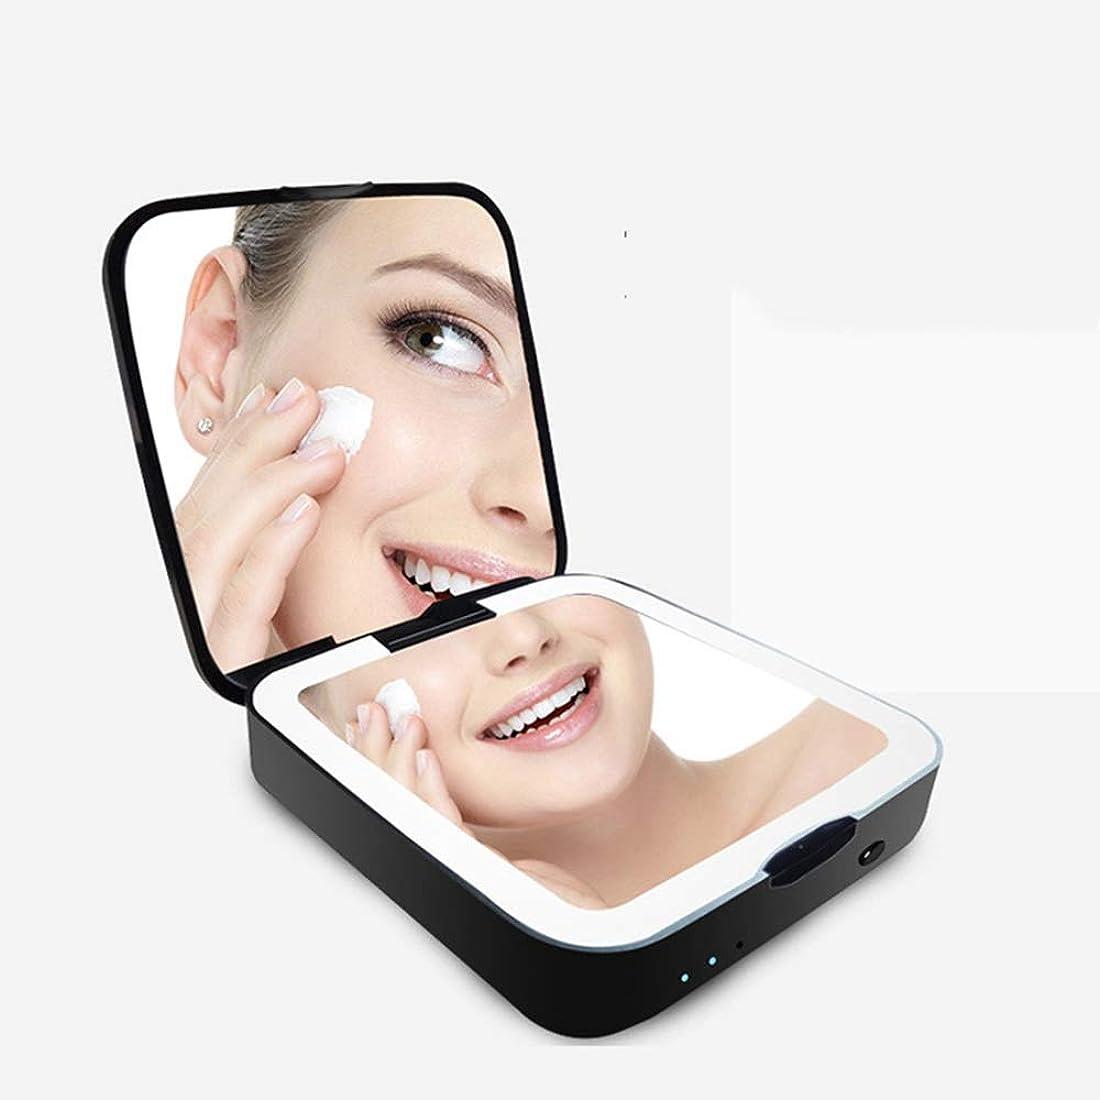 家畜検出側溝流行の 新しい両面折りたたみLEDライトポータブルポータブルミラー充電宝化粧鏡ABS黒美容ミラー虫眼鏡ナイトライト